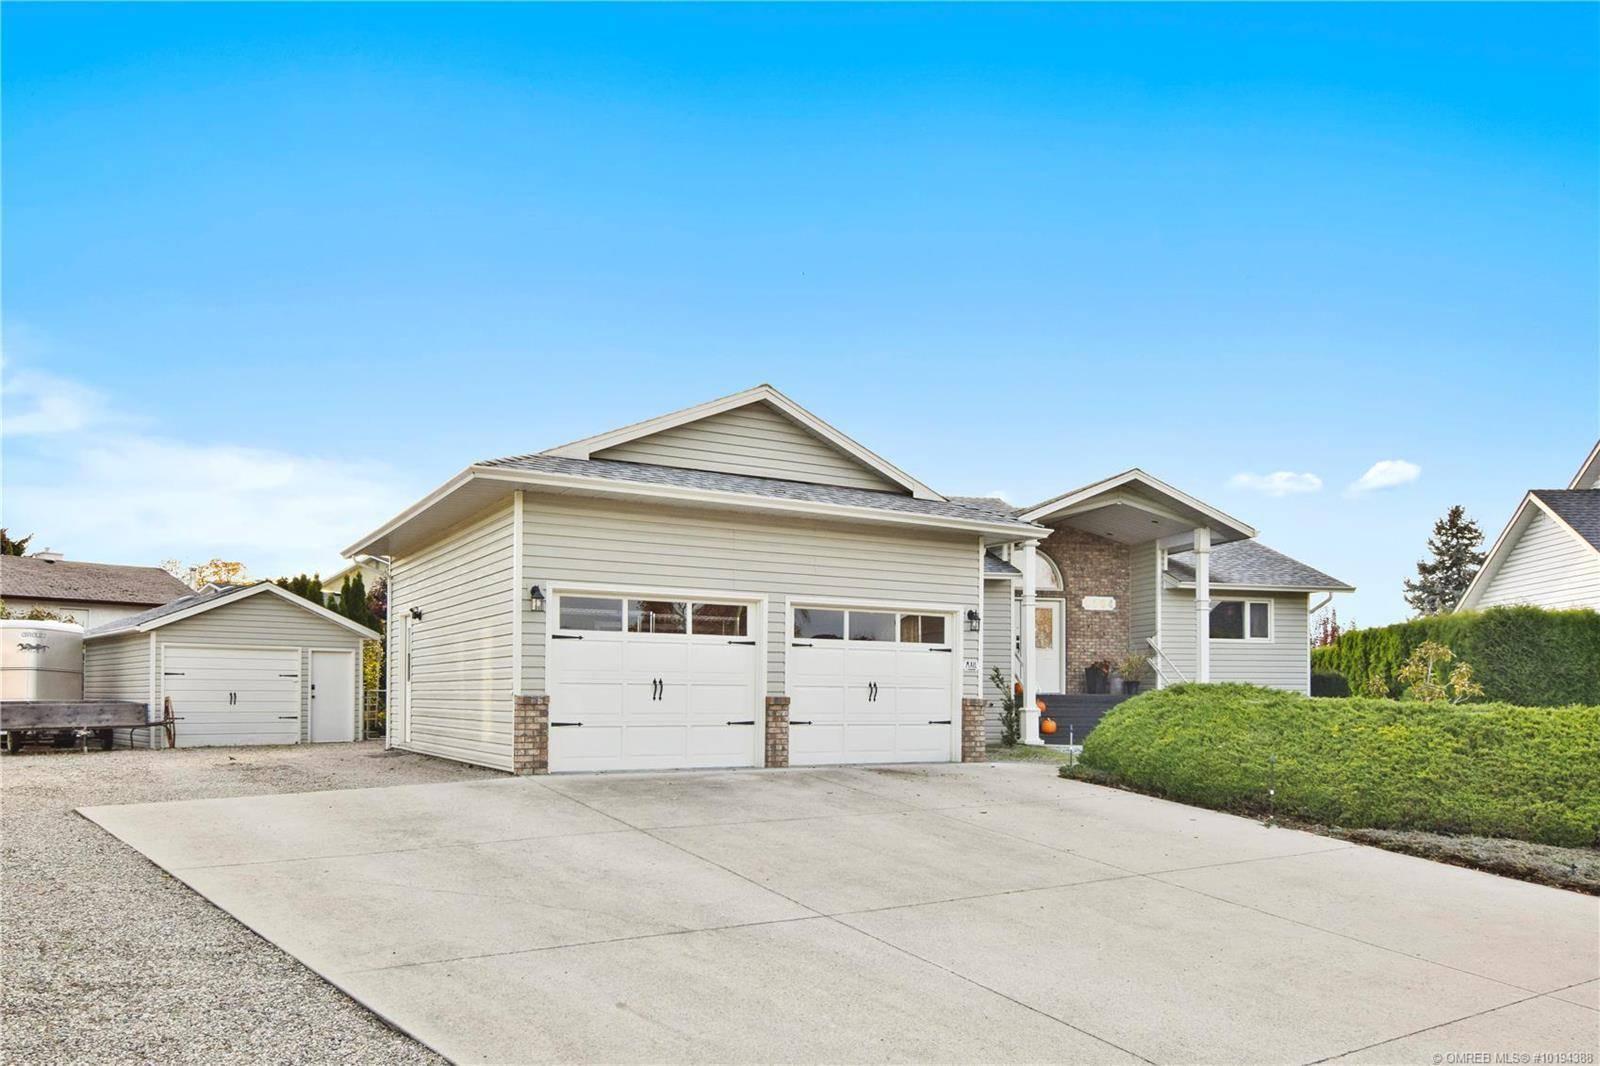 House for sale at 2584 Rhondda Cres Kelowna British Columbia - MLS: 10194388